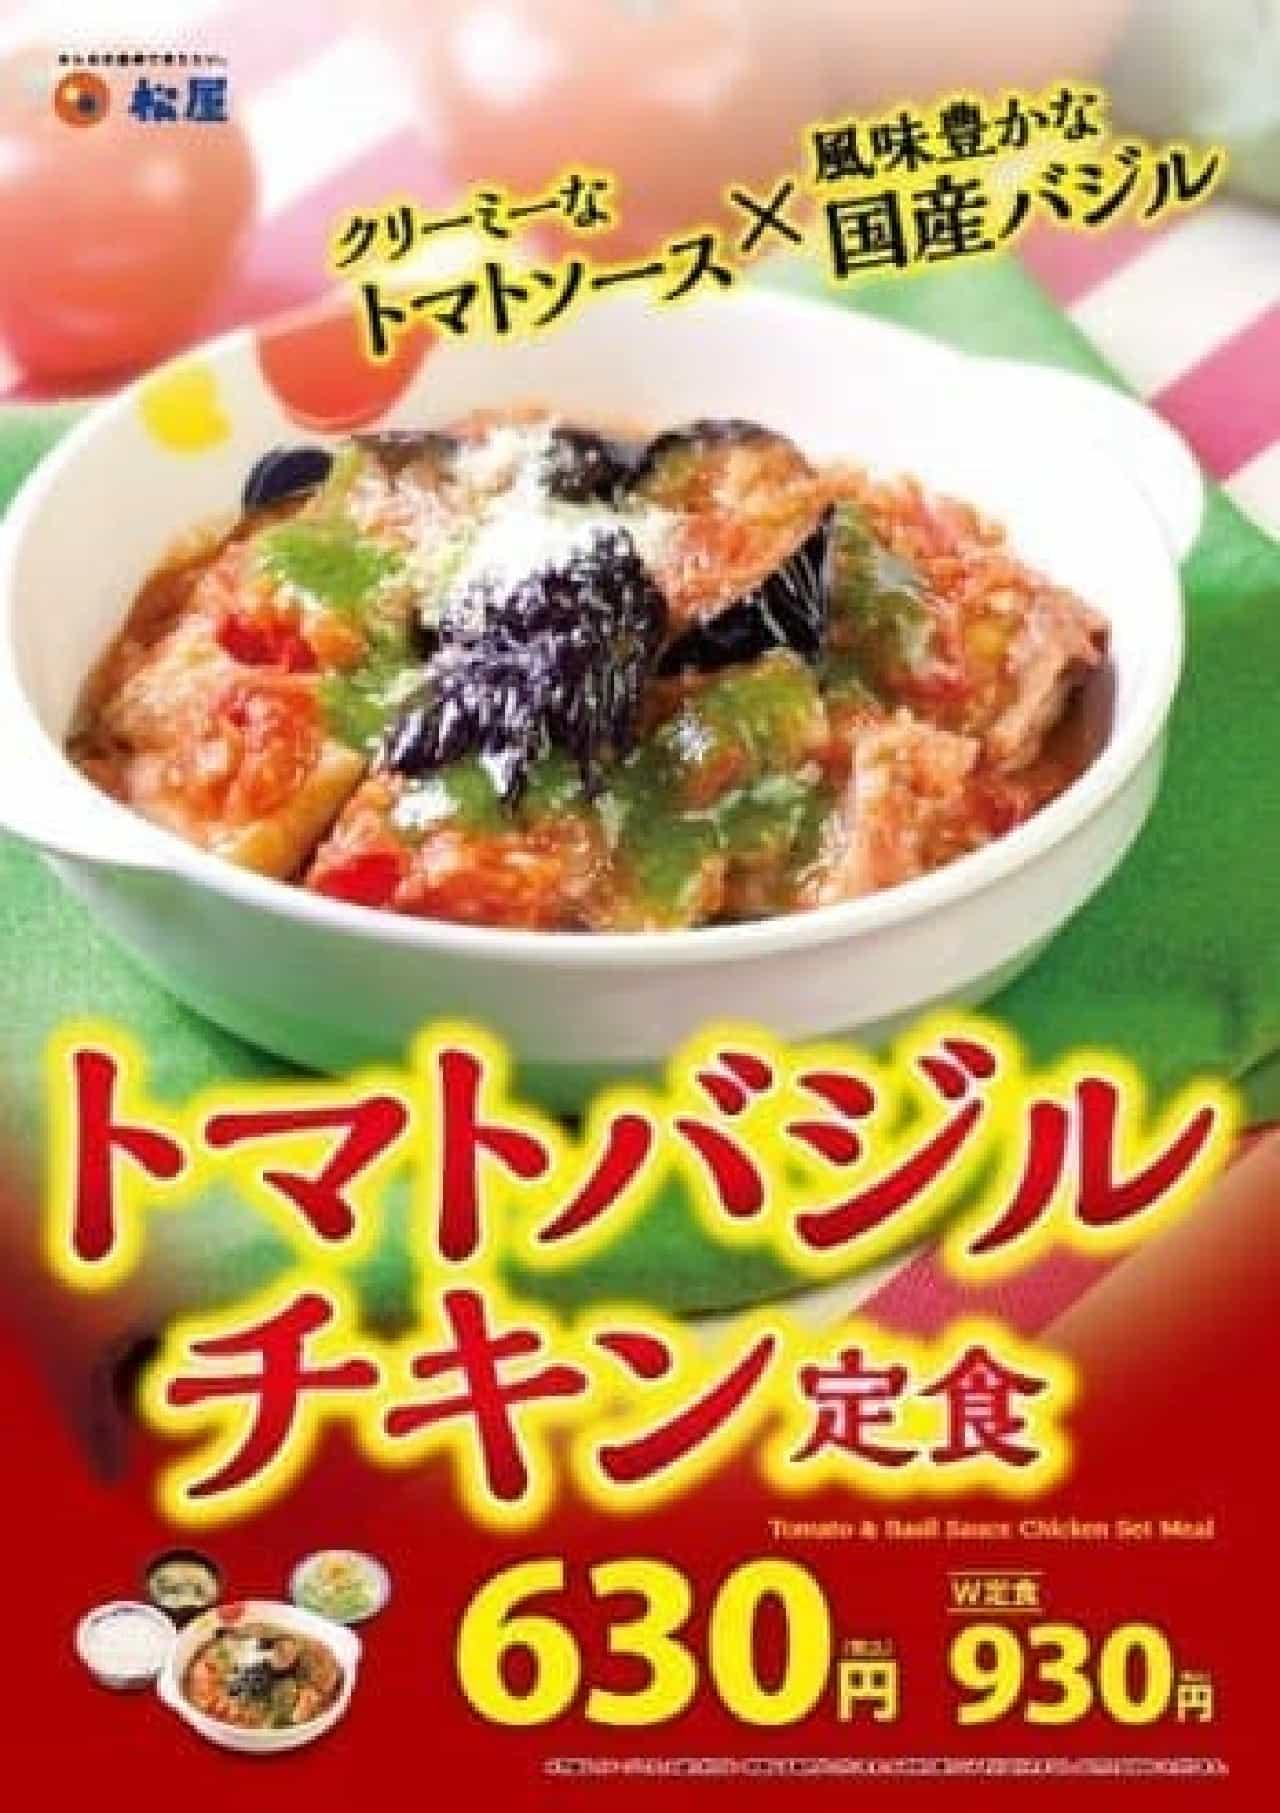 トマト&バジル&チキン…おいしいに決まってる!